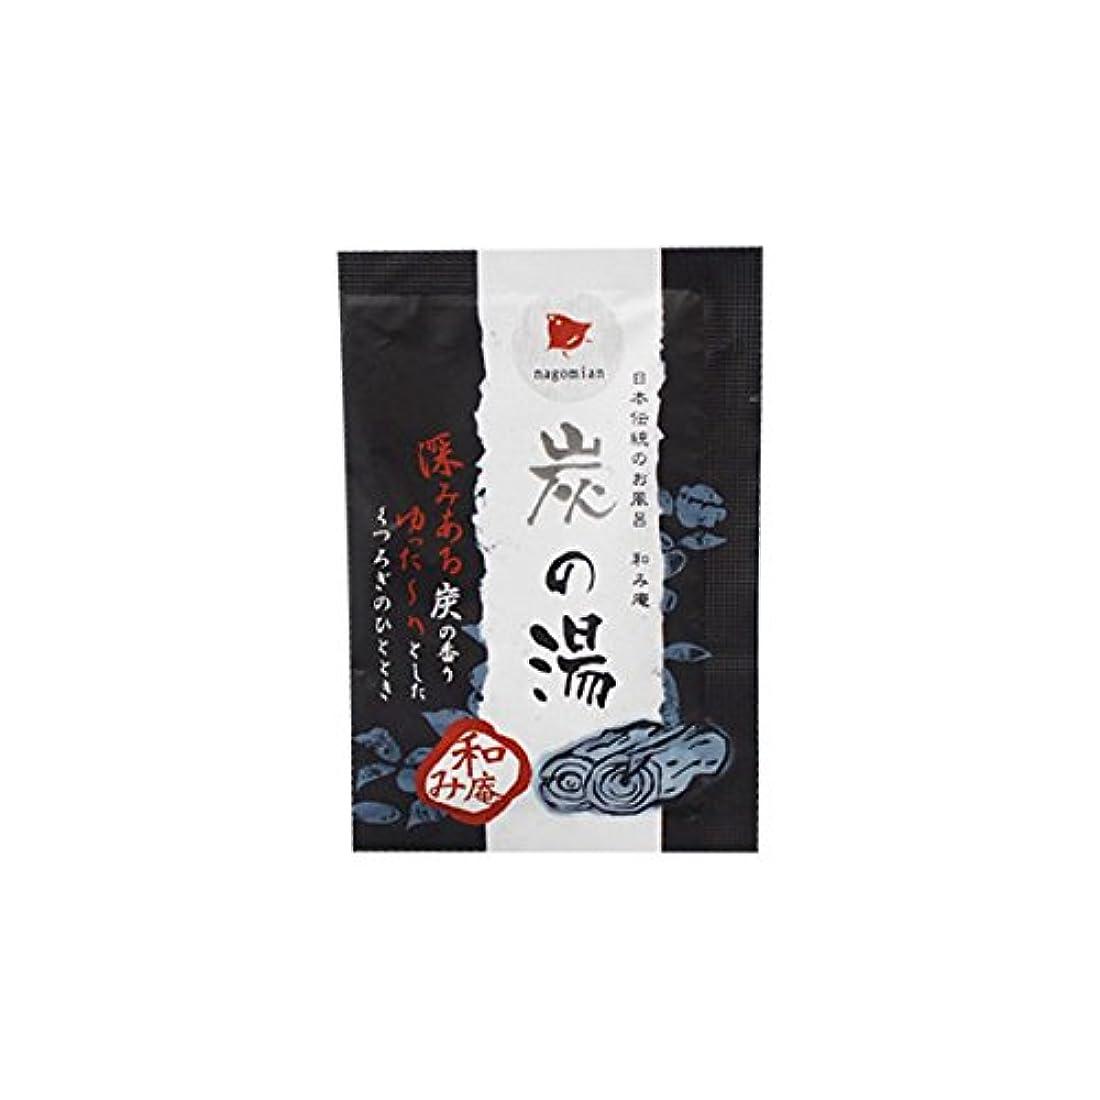 メールピストンフォルダ和み庵 入浴剤 「炭の湯」30個